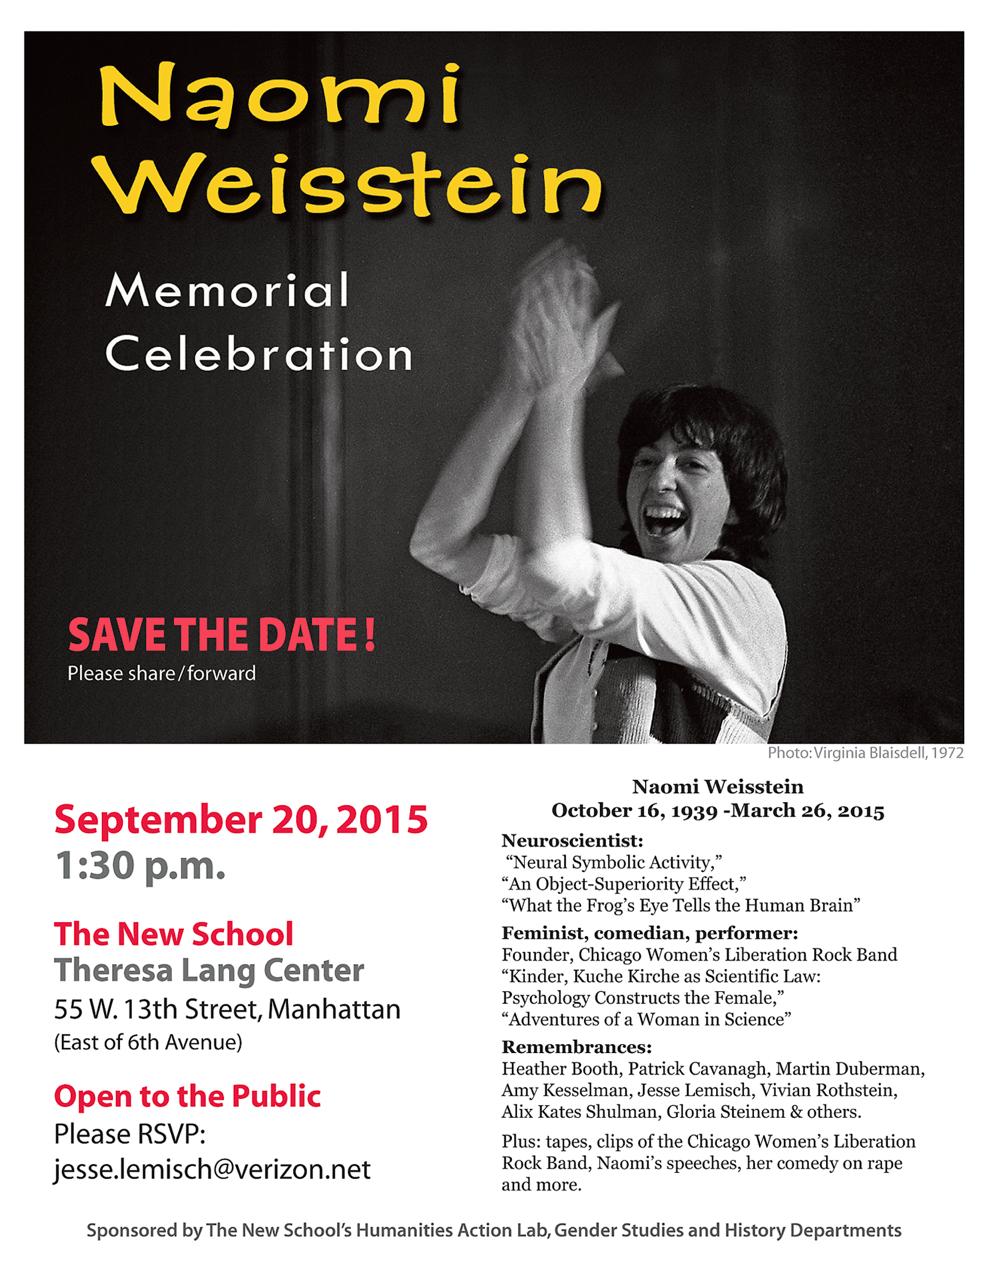 Naomi Weinstein Memorial Celebration